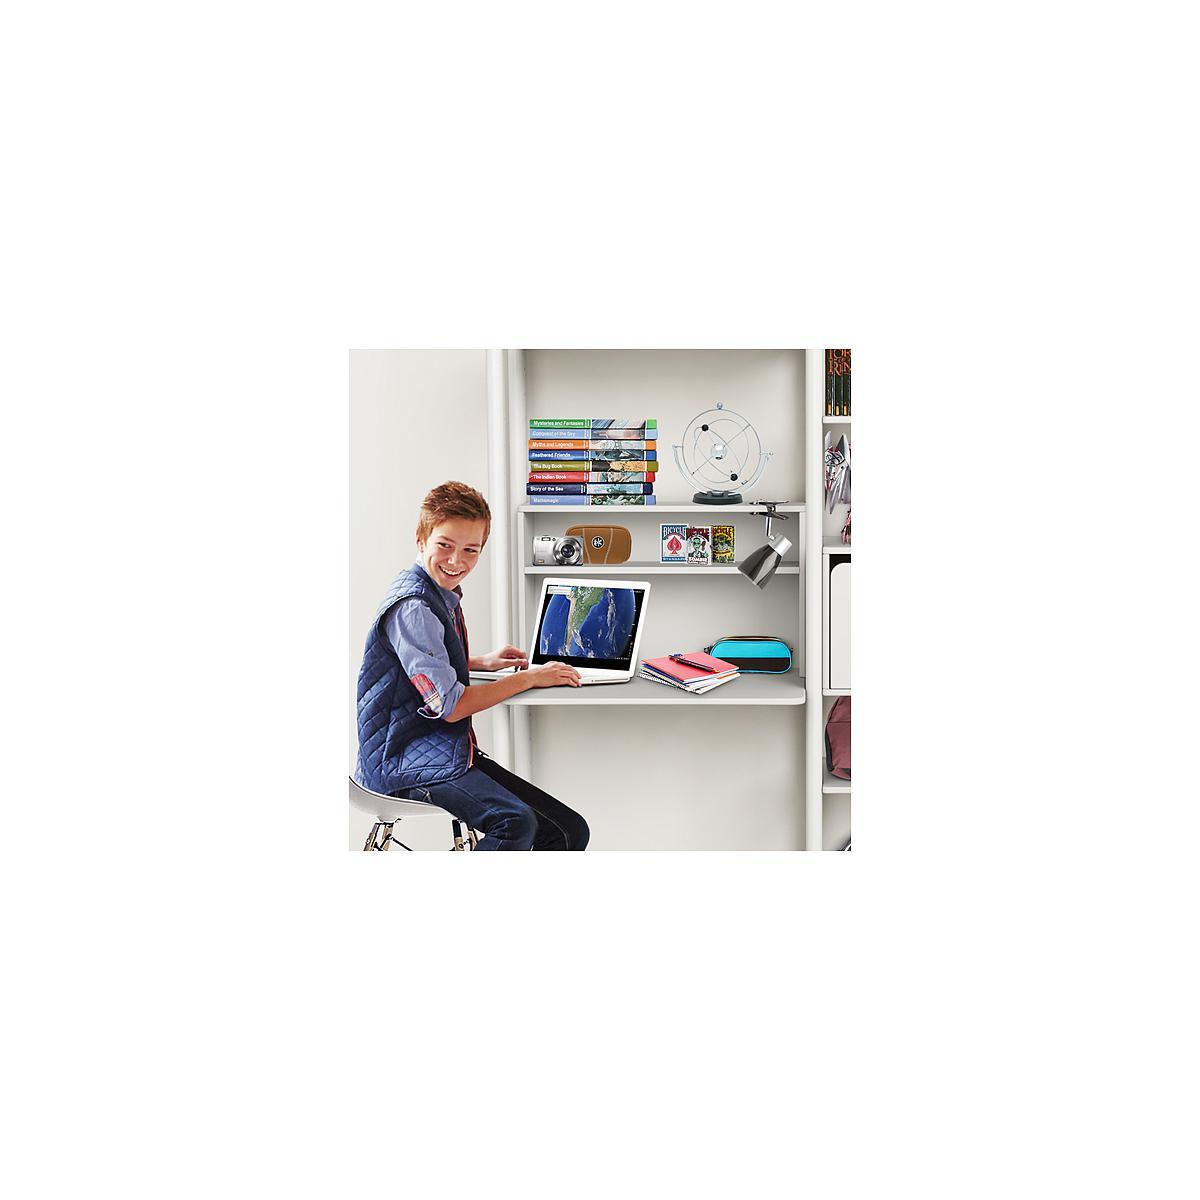 Combi 5. estanterías Midi-Maxi SHELFIE Flexa blanco